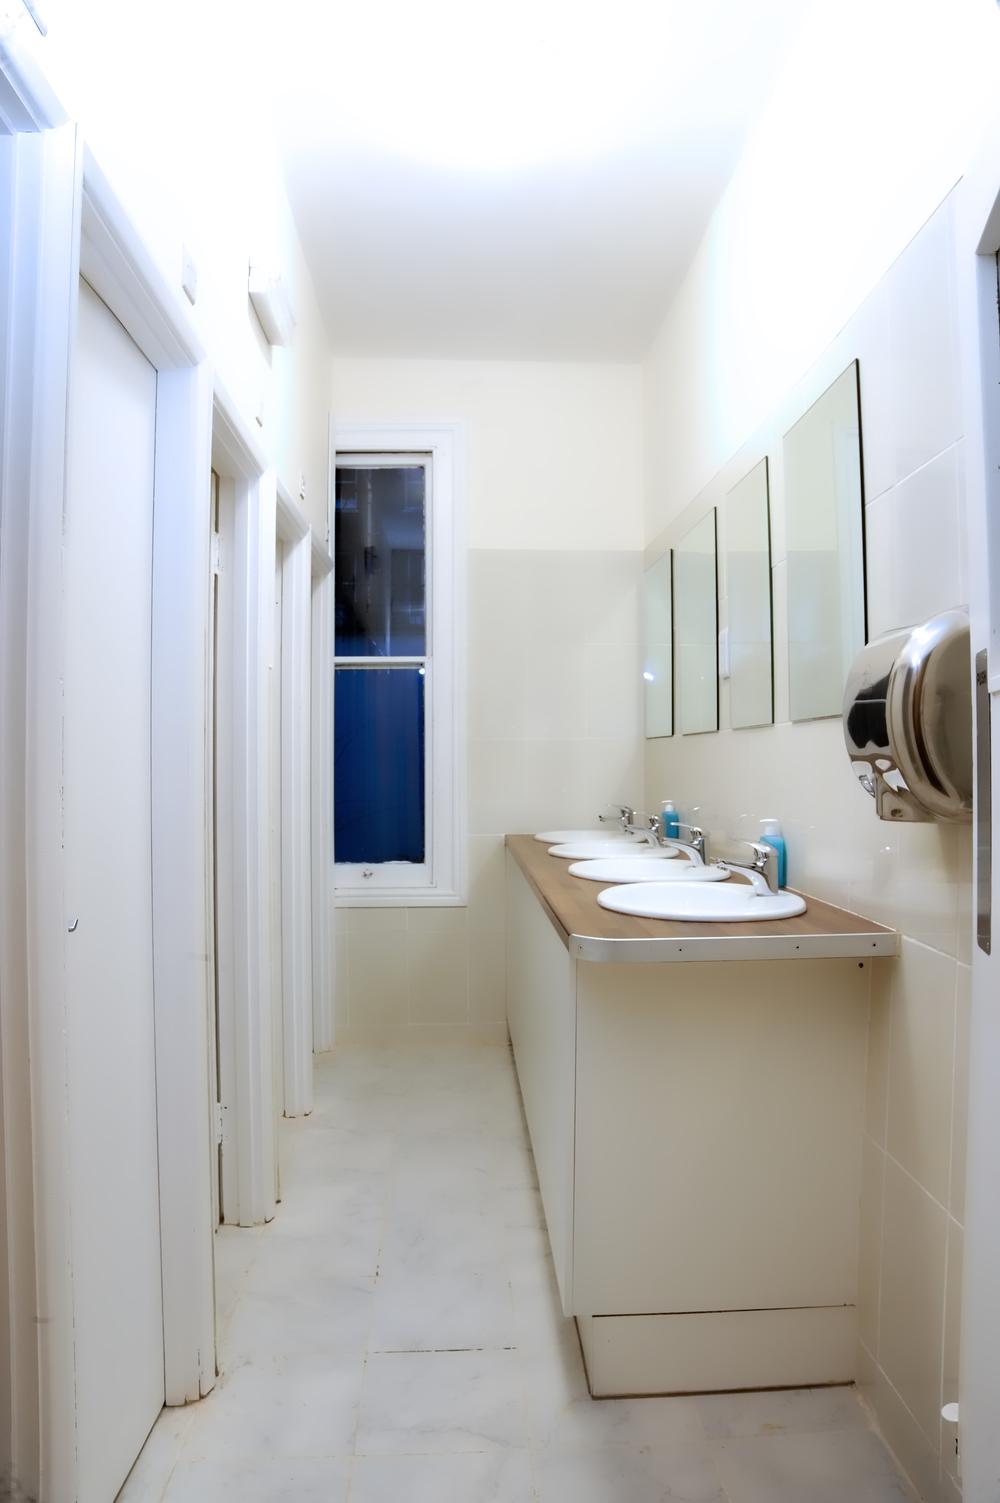 Ecco altre due foto per dimostrarti come è pulito il nostro ostello... siamo orgogliosi del nostro livello di pulizia e offriamo un servizio di pulizie quattro volte al giorno per i nostri bagni.